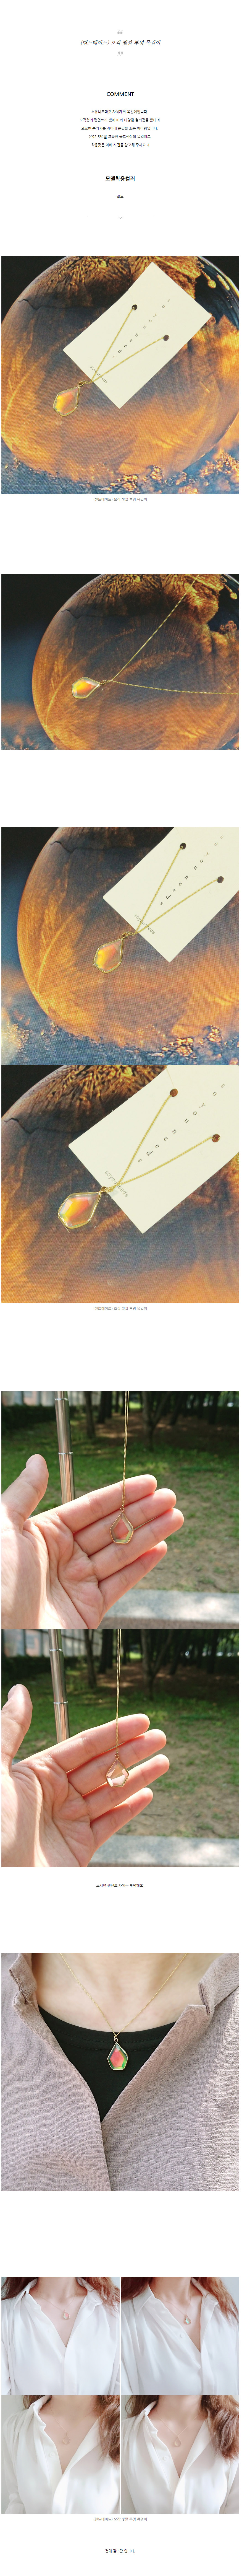 (자체제작) 오각 빛깔 투명 목걸이 - 소유니즈마켓, 13,000원, 골드, 펜던트목걸이